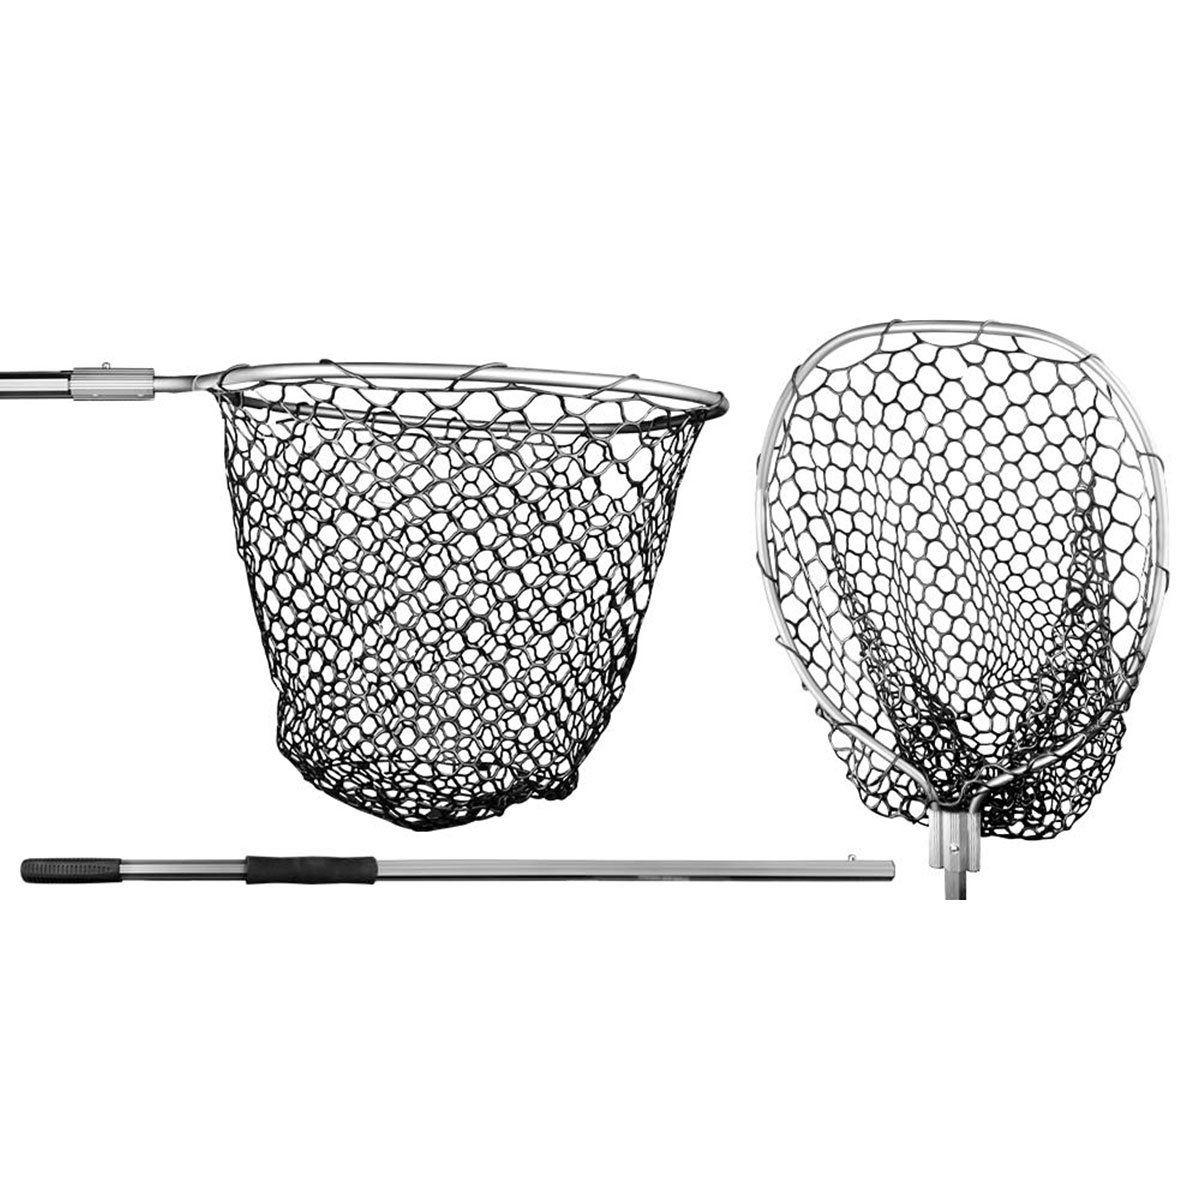 Passagua de Aluminio Albatroz 46x55cm Cabo 1m Rede Silicone